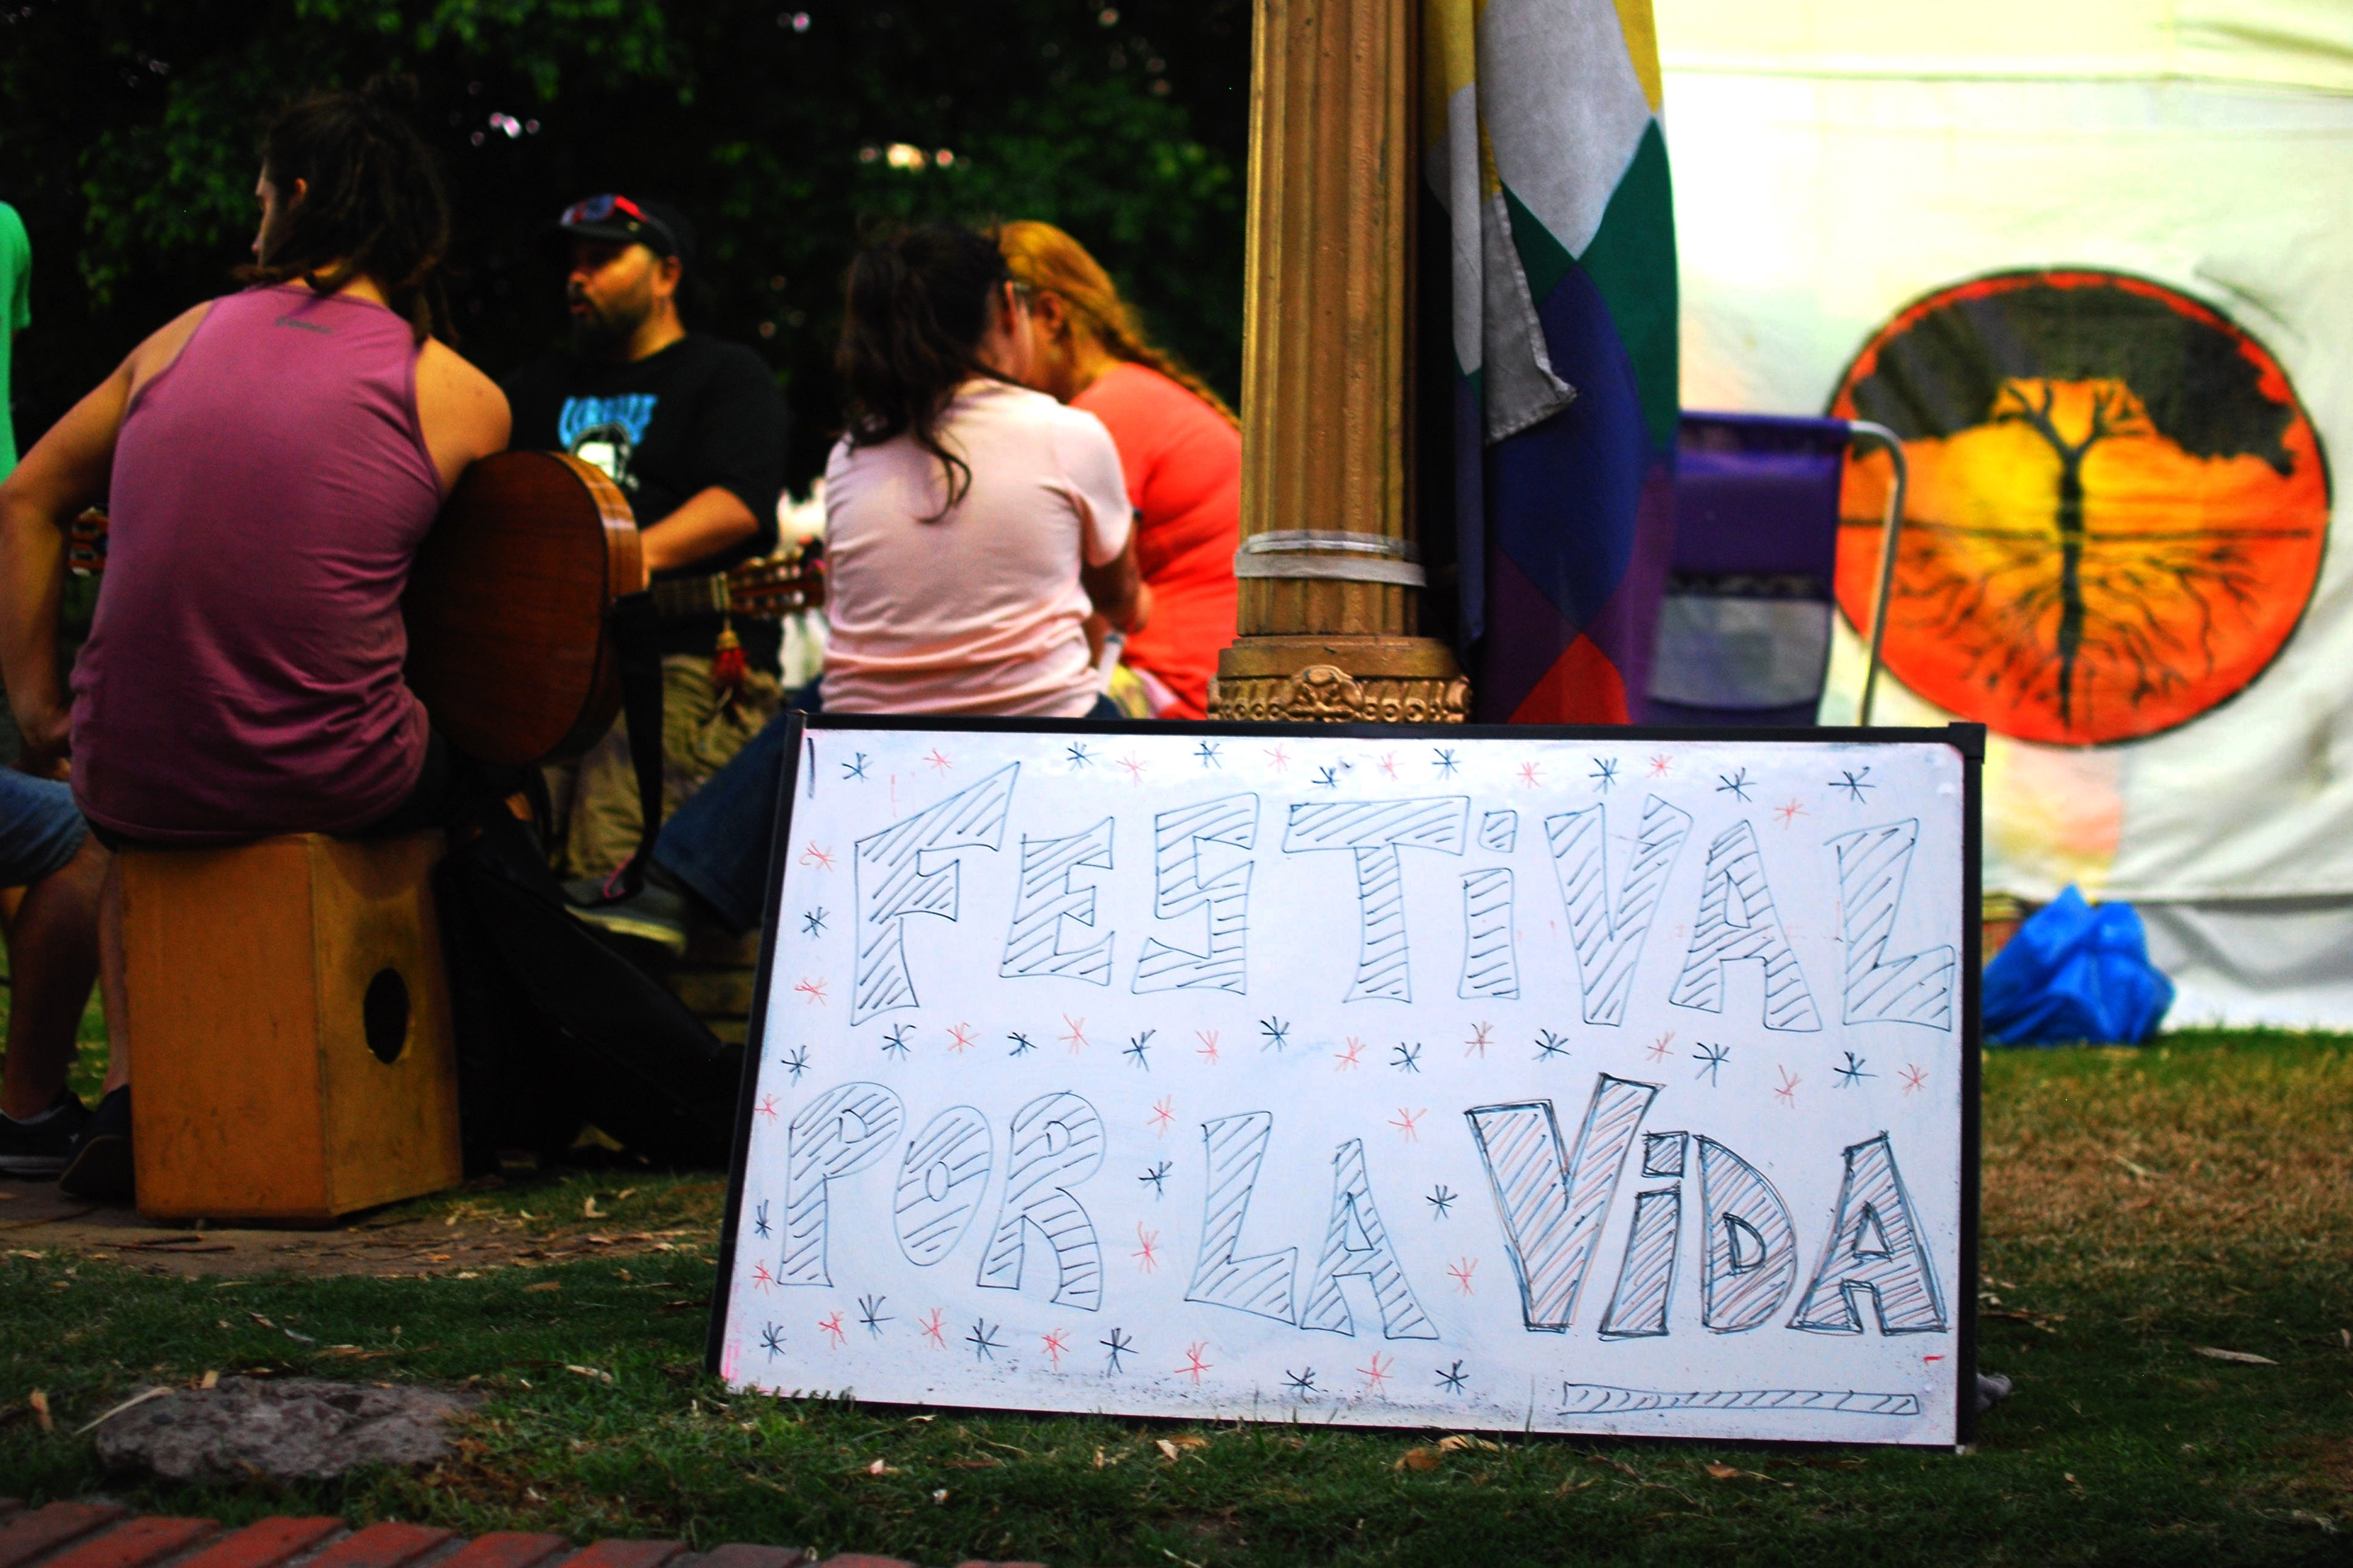 Festival en plaza Lavalle por el aniversario de la represión sufrida por la Asamblea El Algarrobo.15 feb 2016. Foto: Paola Olari Ugrotte.-